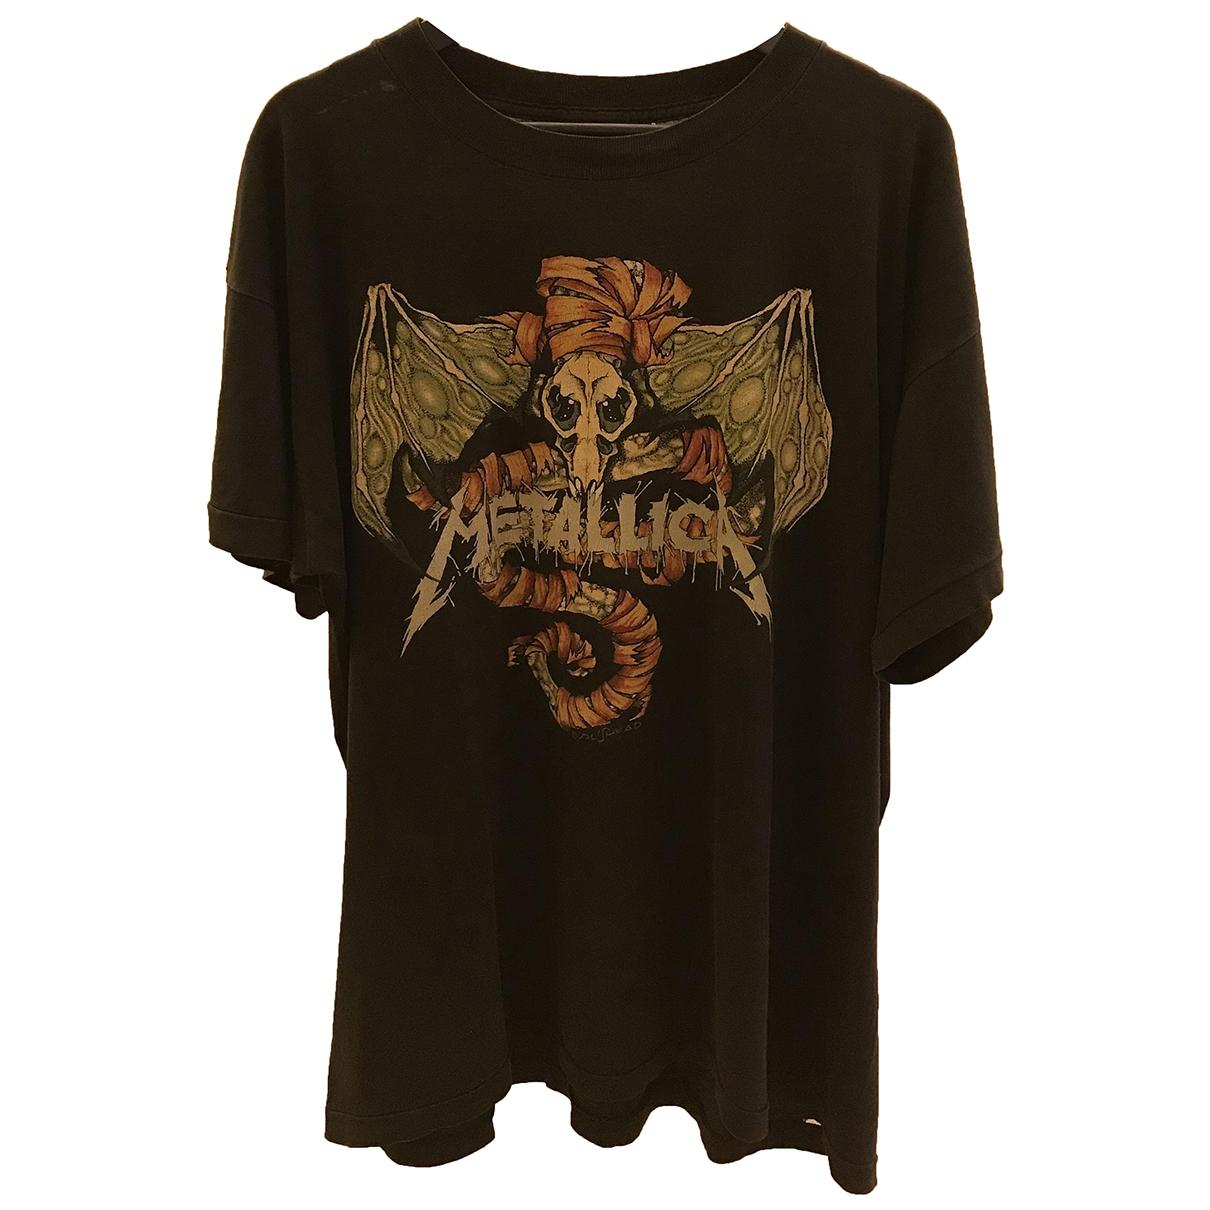 American Vintage - Tee shirts   pour homme en coton - noir